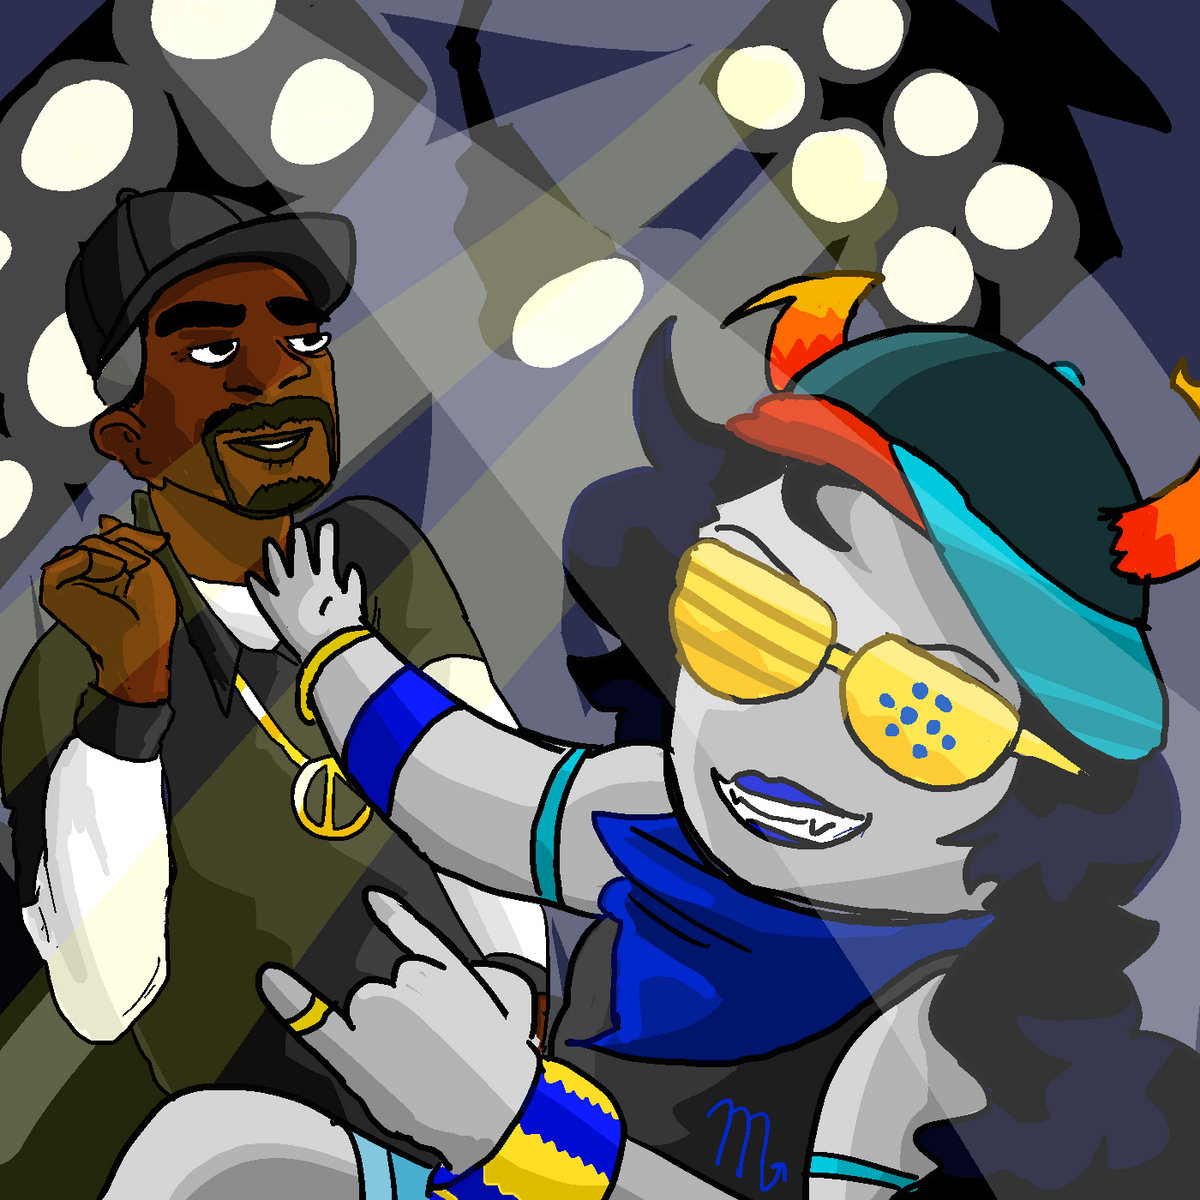 MeGaLoVania 2 (Feat  Snoop Dogg as